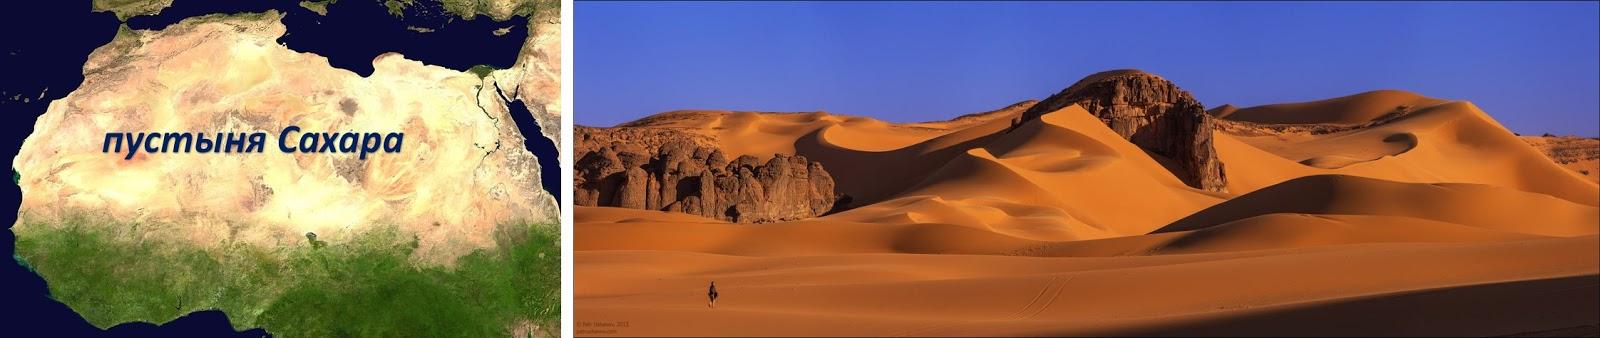 juodosios dykumos prekybos variantas dienos prekybos pasirinkimo sandoriai